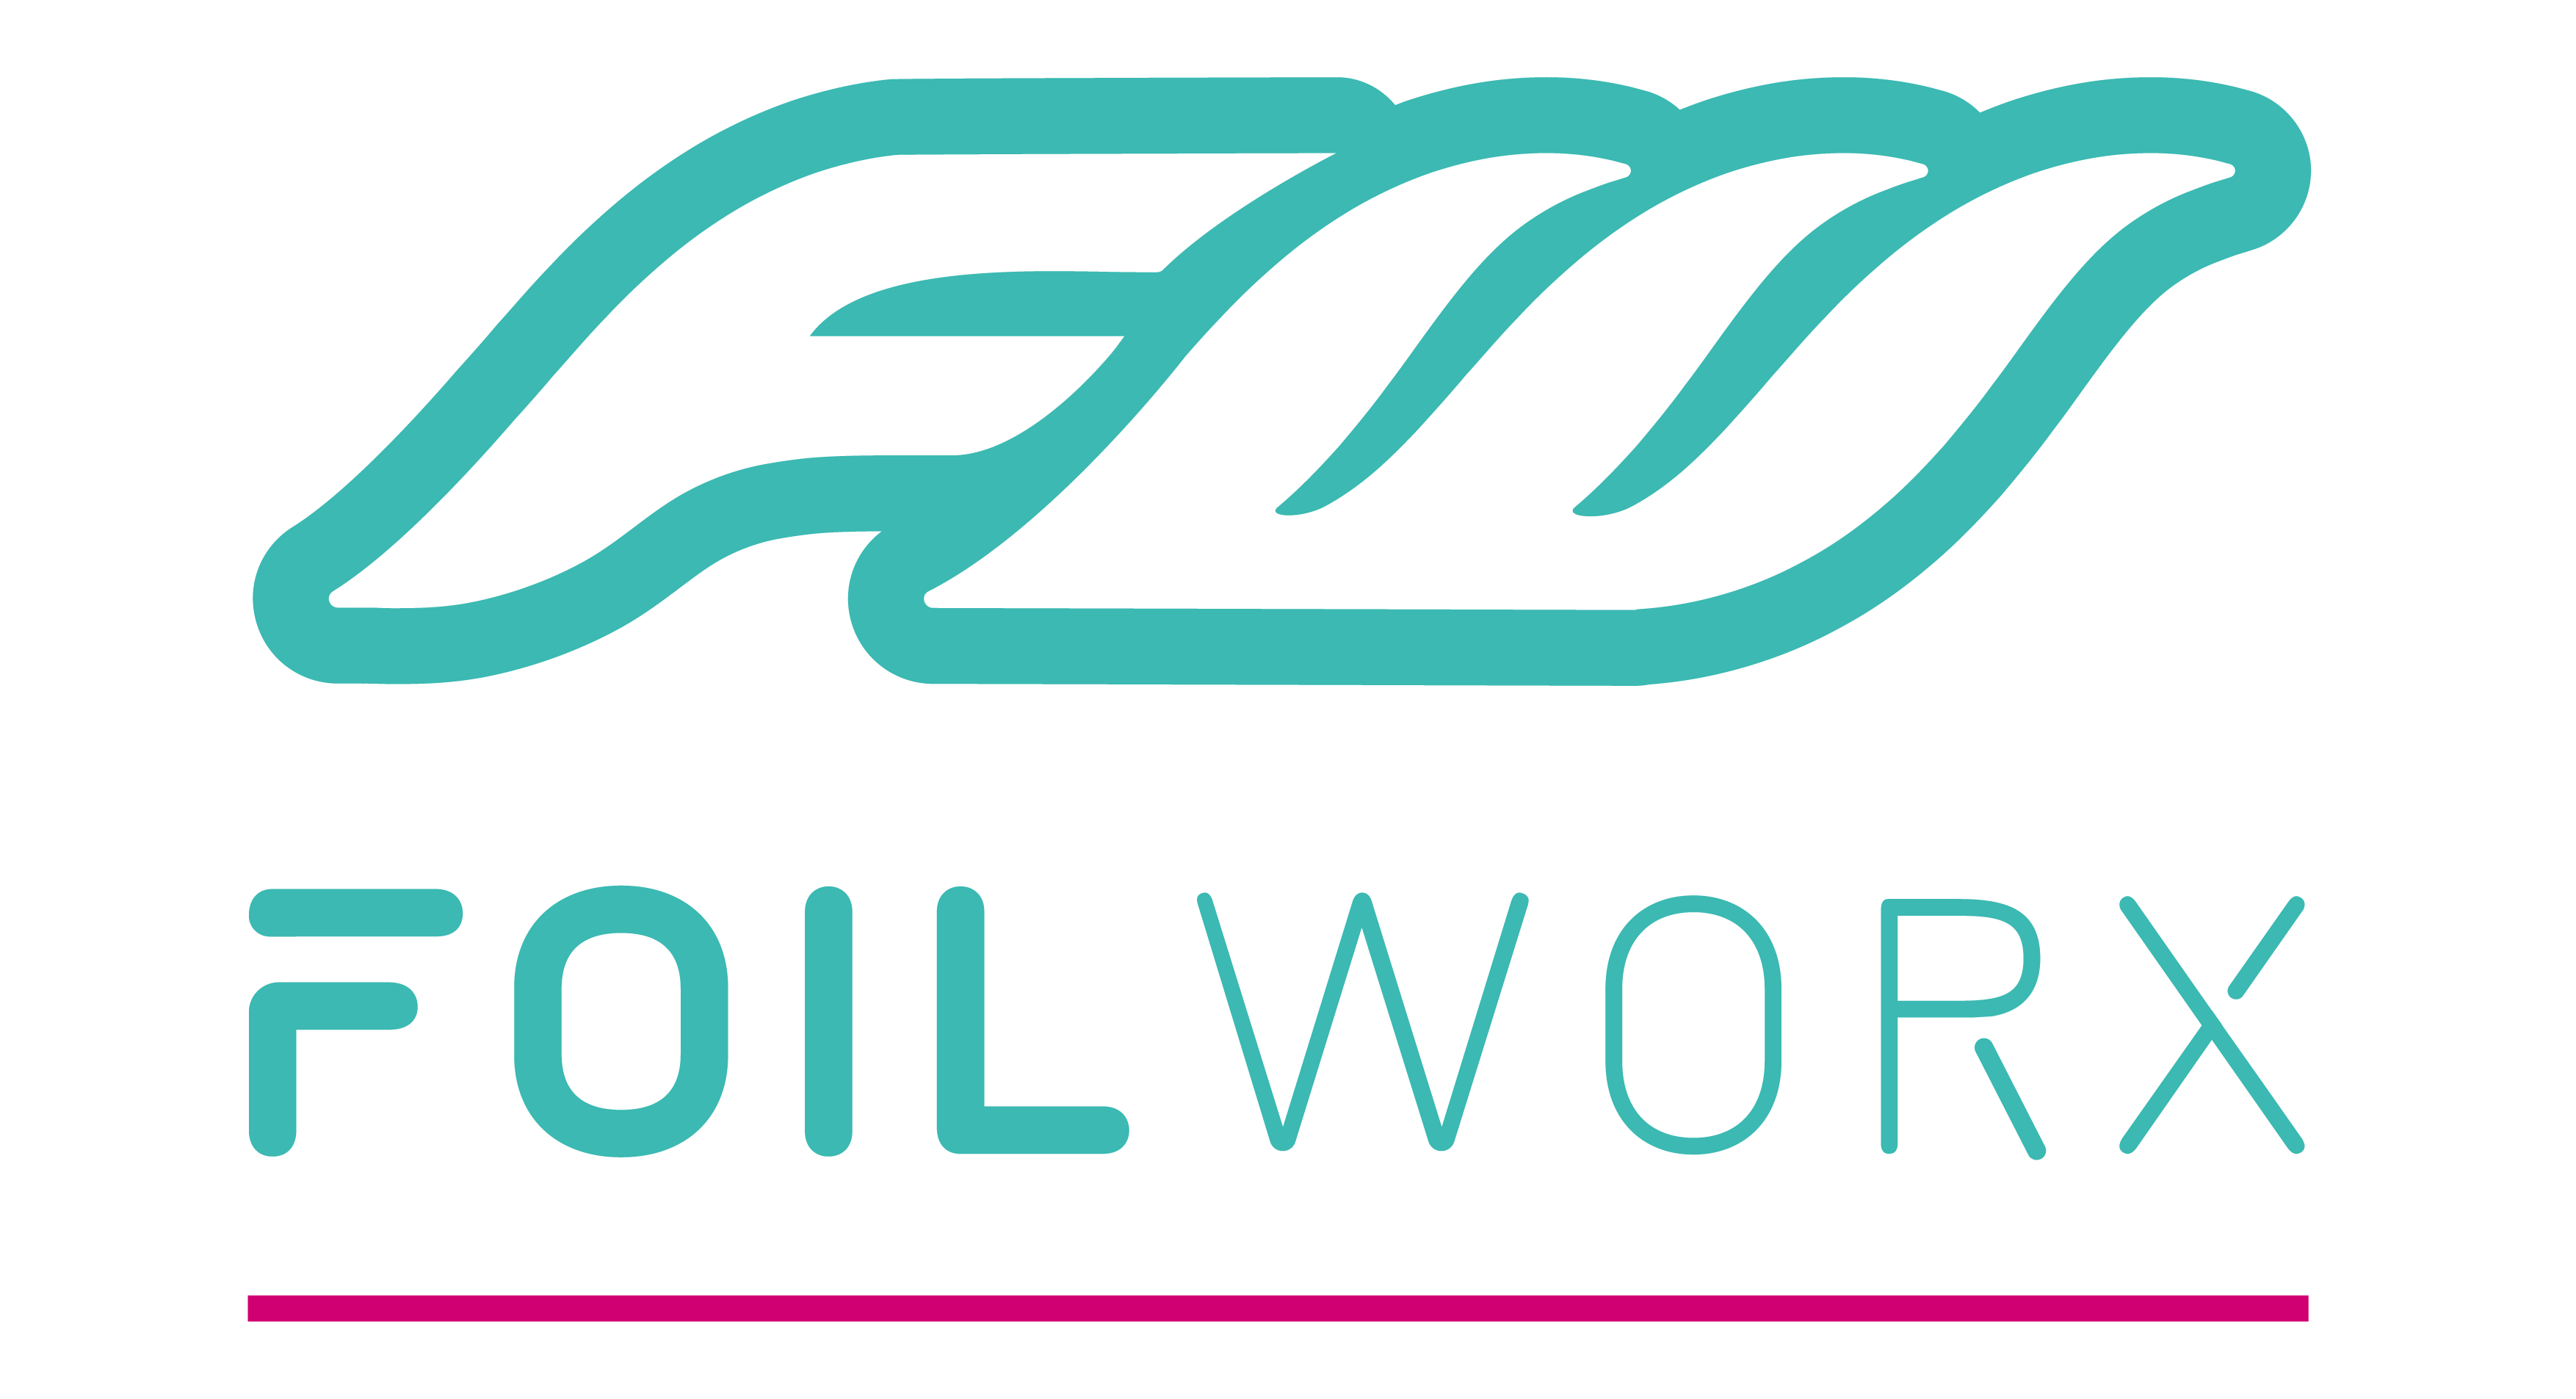 Foil Worx